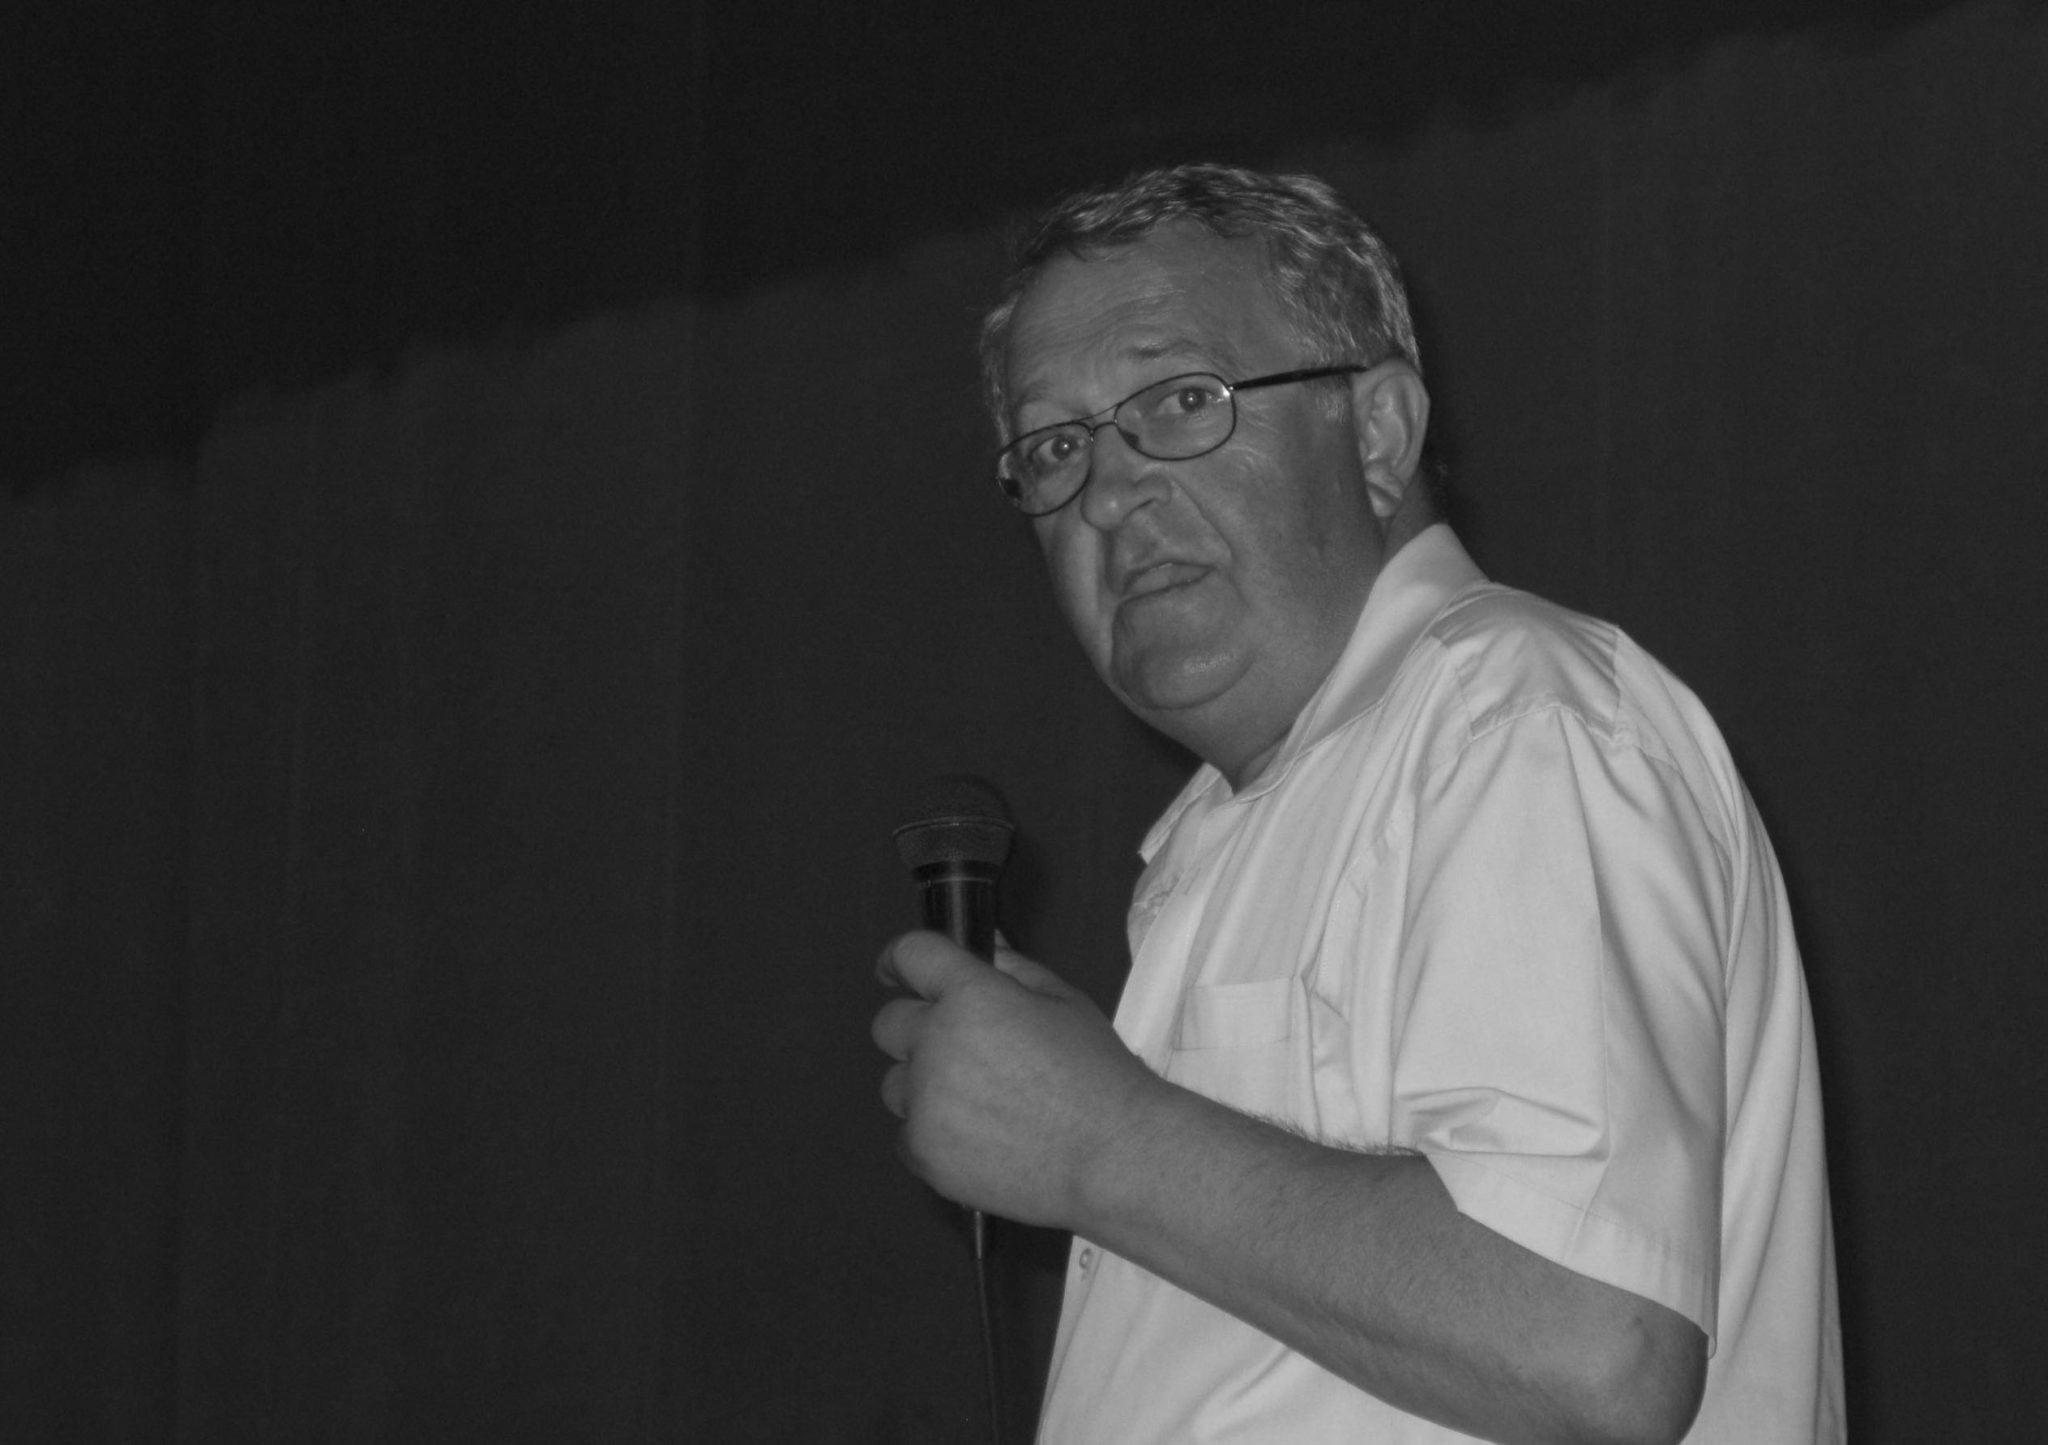 Profesorul Mihail Ciocan a trecut la cele veșnice